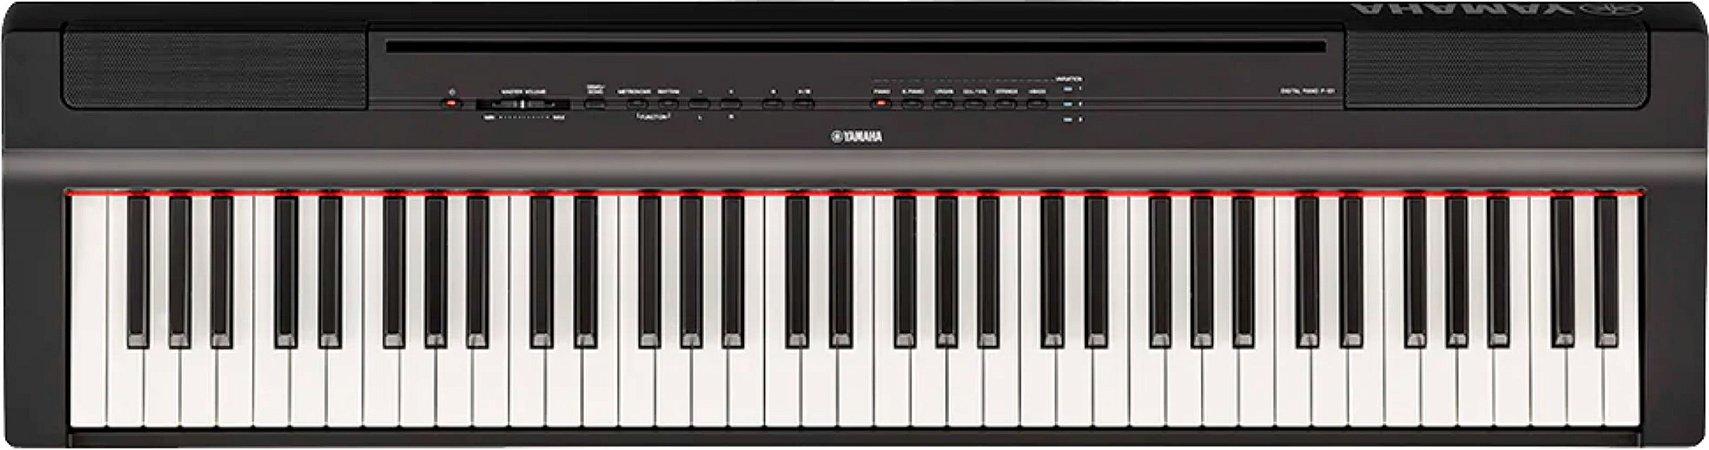 PIANO DIGITAL YAMAHA P121 + FONTE + PEDAL + PORTA PARTITURA. ORIGINAL 1 ANO DE GARANTIA